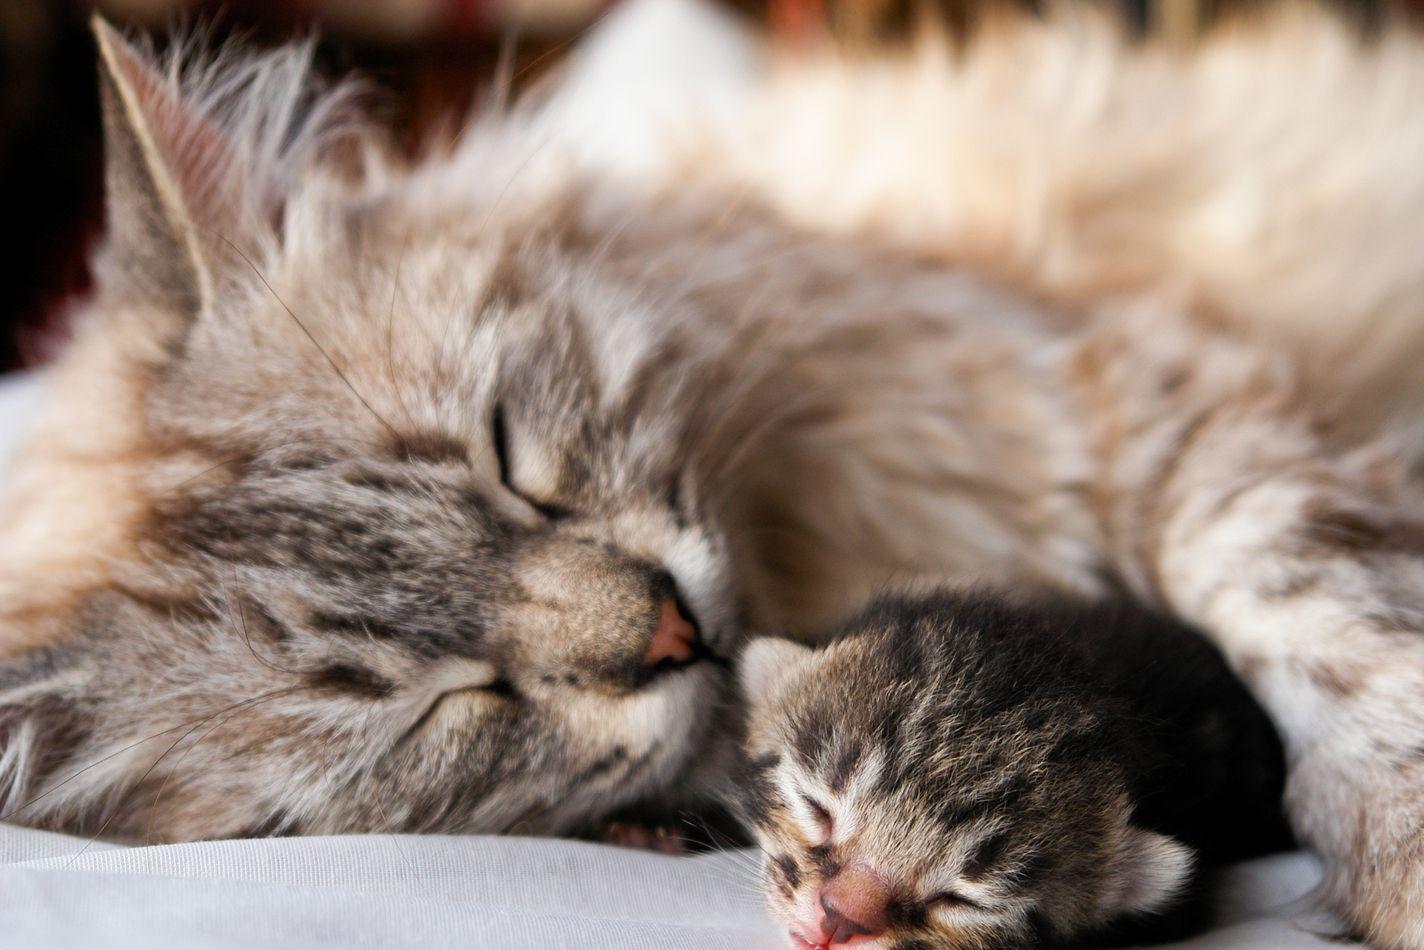 Mother Cat And Kitten Sleeping Sleeping Kitten Kitten Pictures Cats